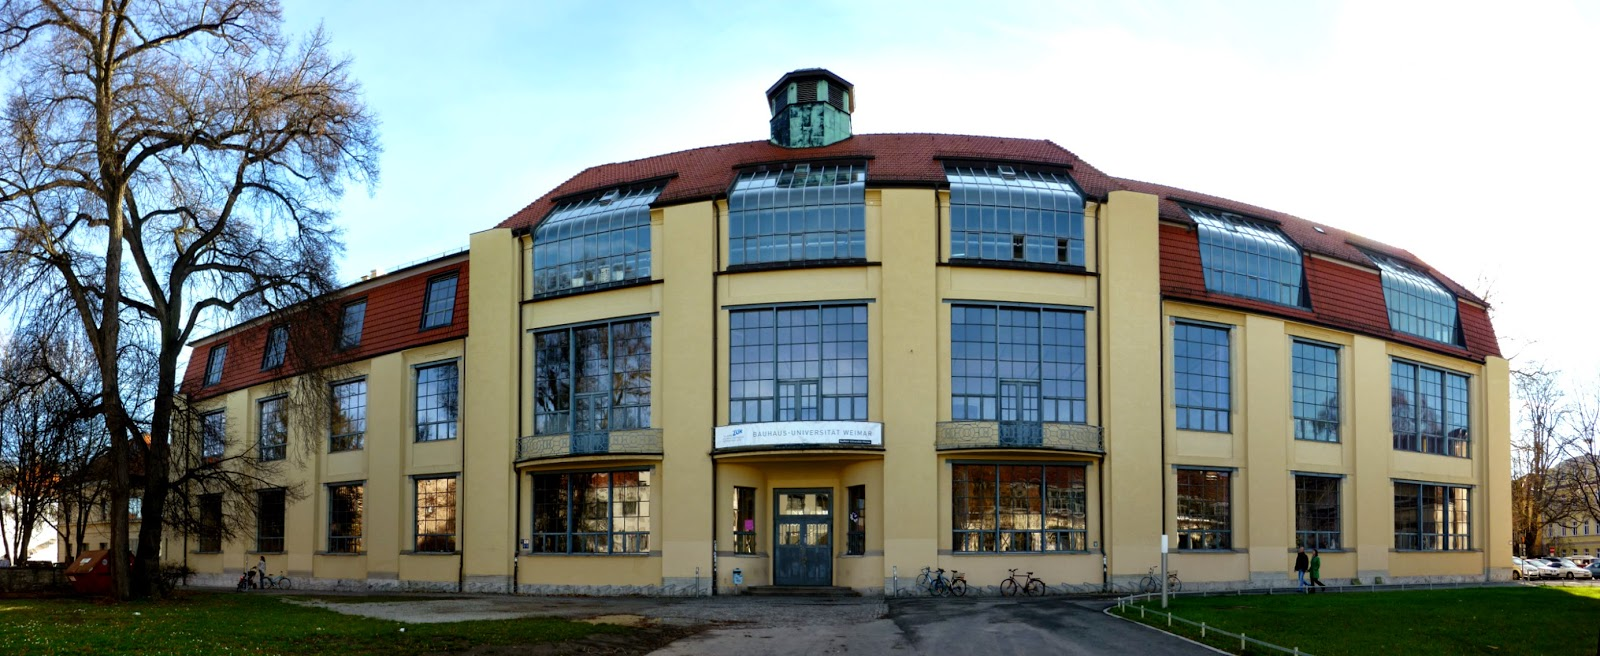 Arte abstracto bauhaus for Bauhaus berlin edificio